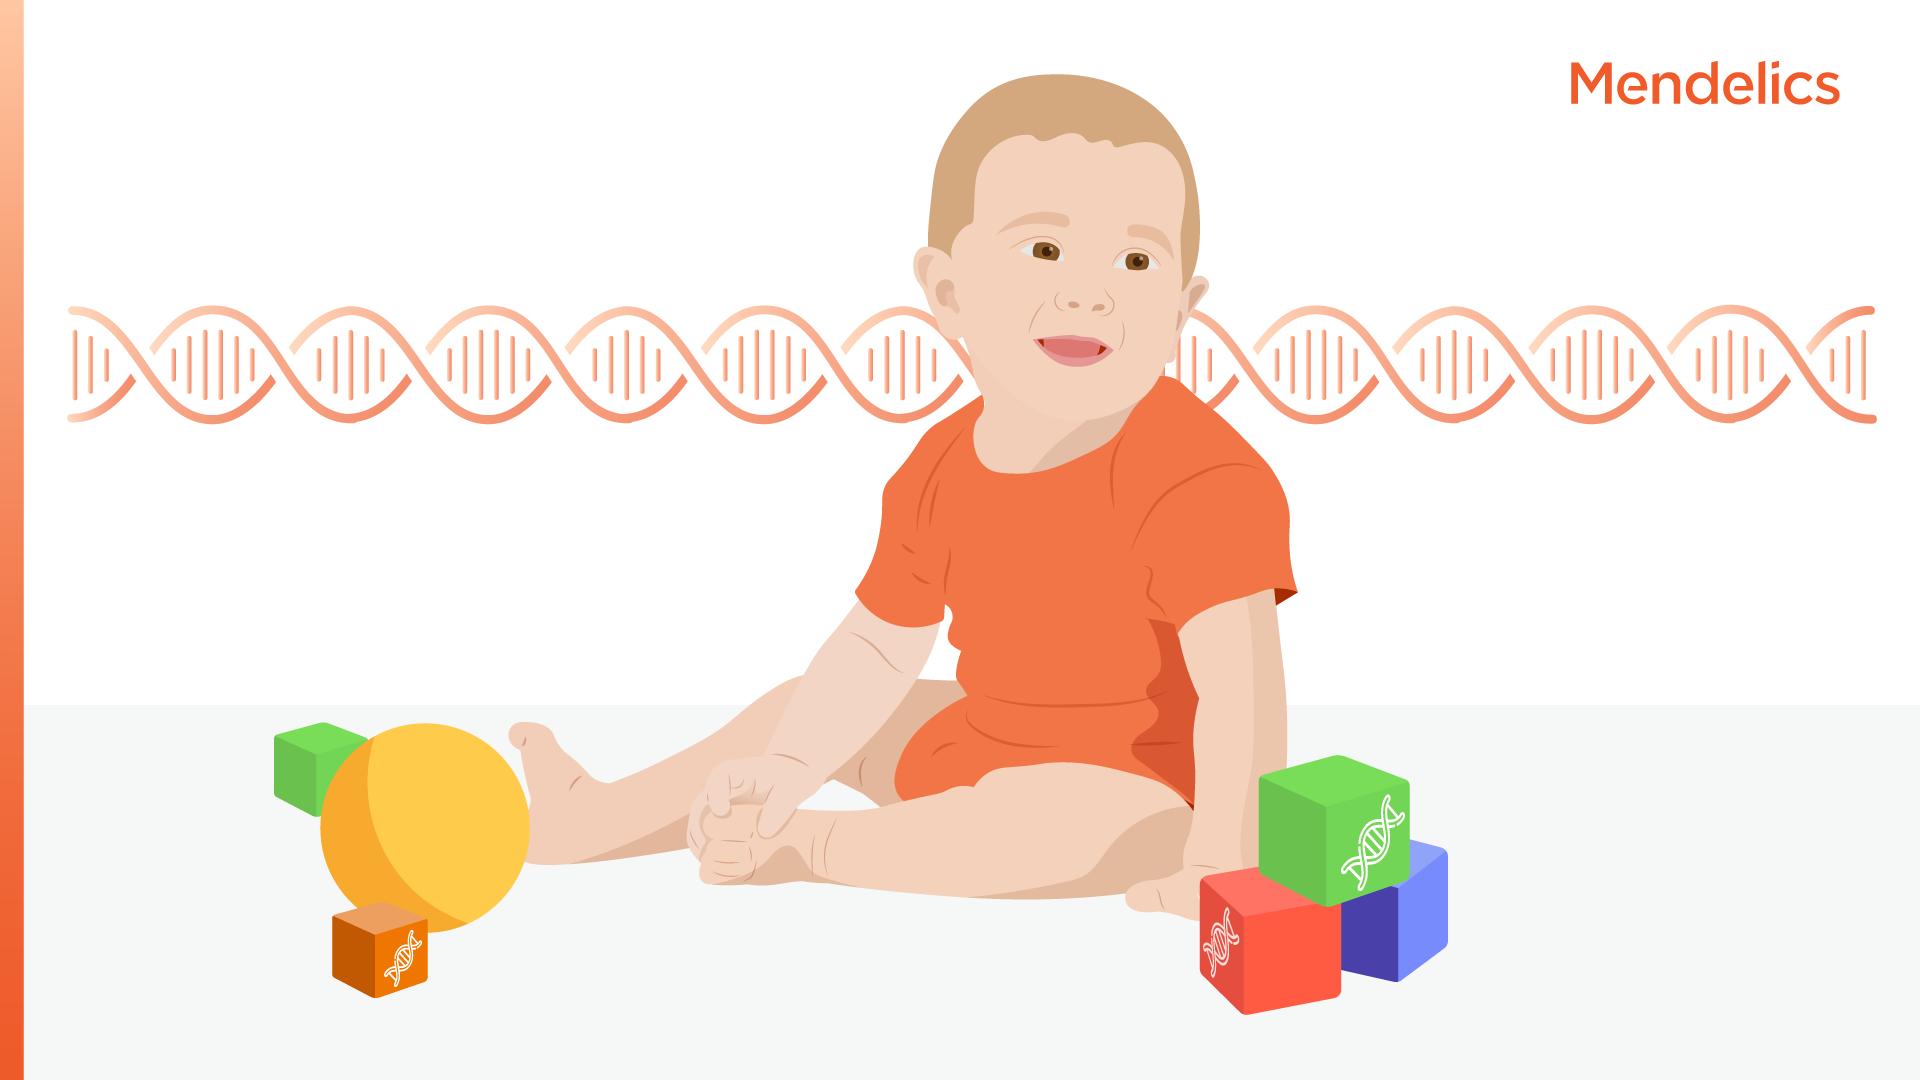 imagem de um bebê com brinquedos e uma molécula de dna ao fundo